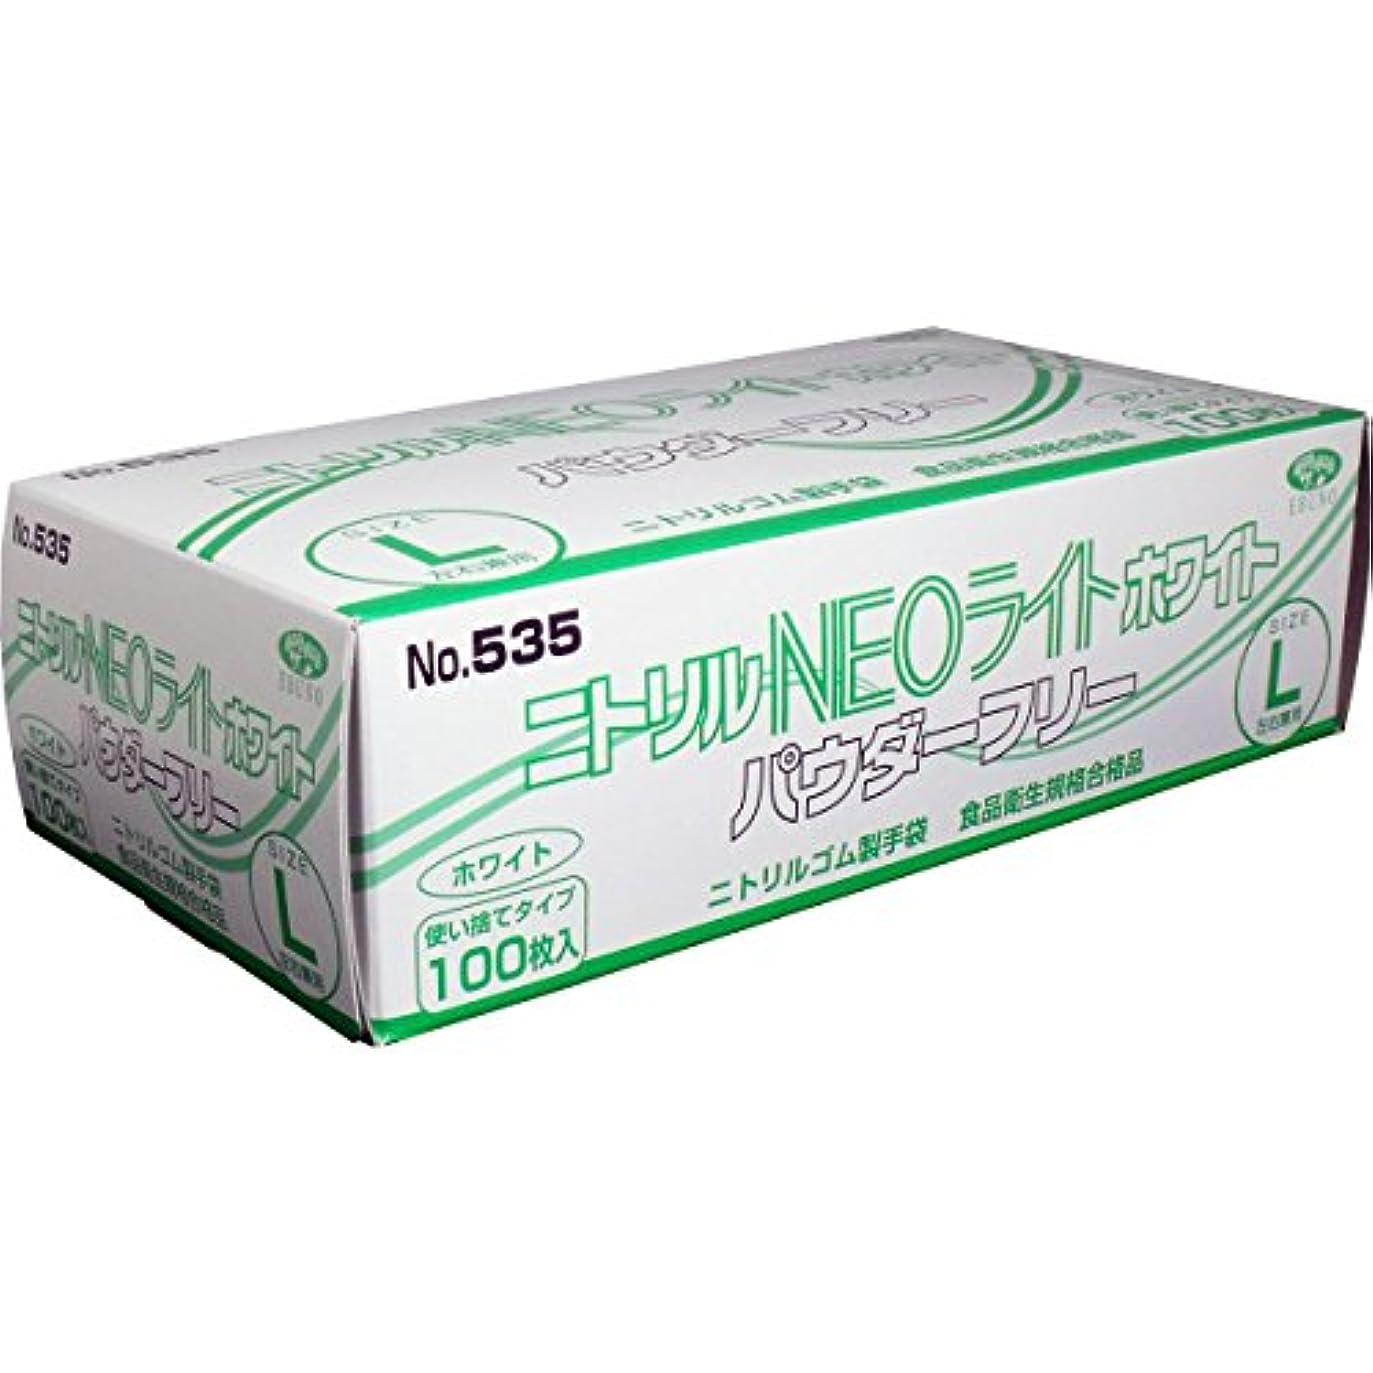 クラック卒業バレーボールニトリル手袋 NEOライト パウダーフリー ホワイト Lサイズ 100枚入×10個セット